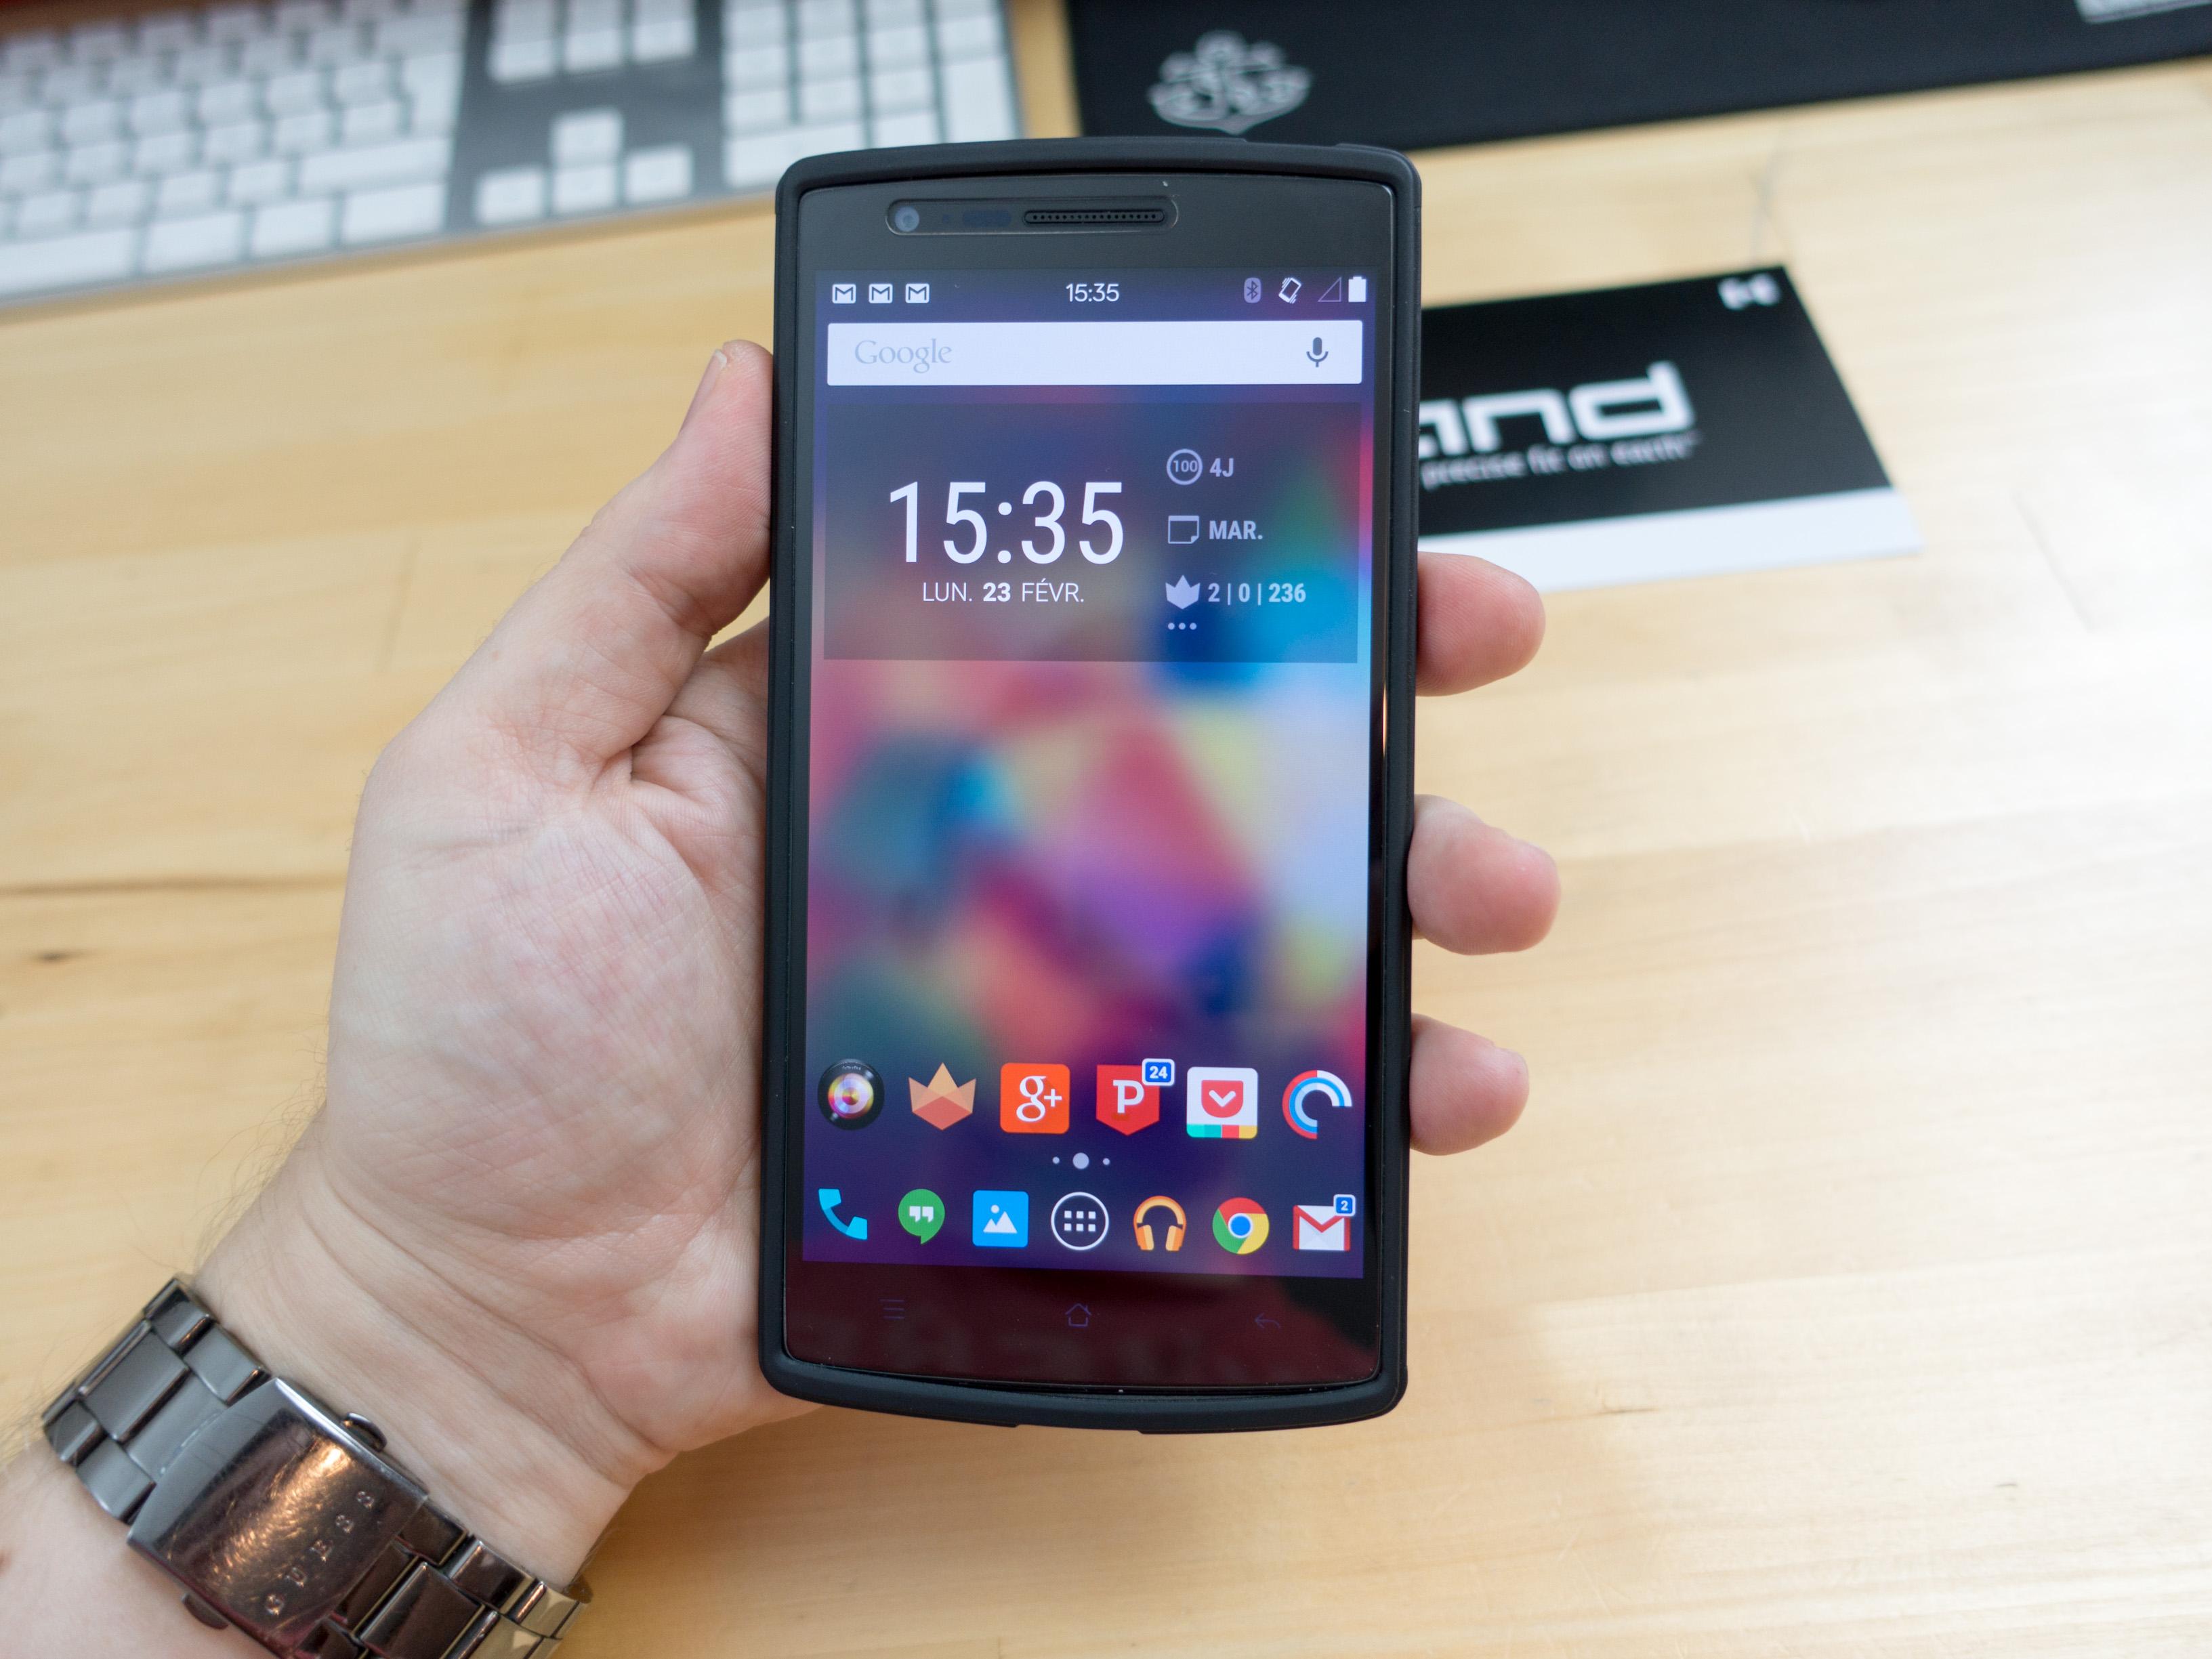 Le OnePlus One sous CyanogenOS 13 ! (vidéo)